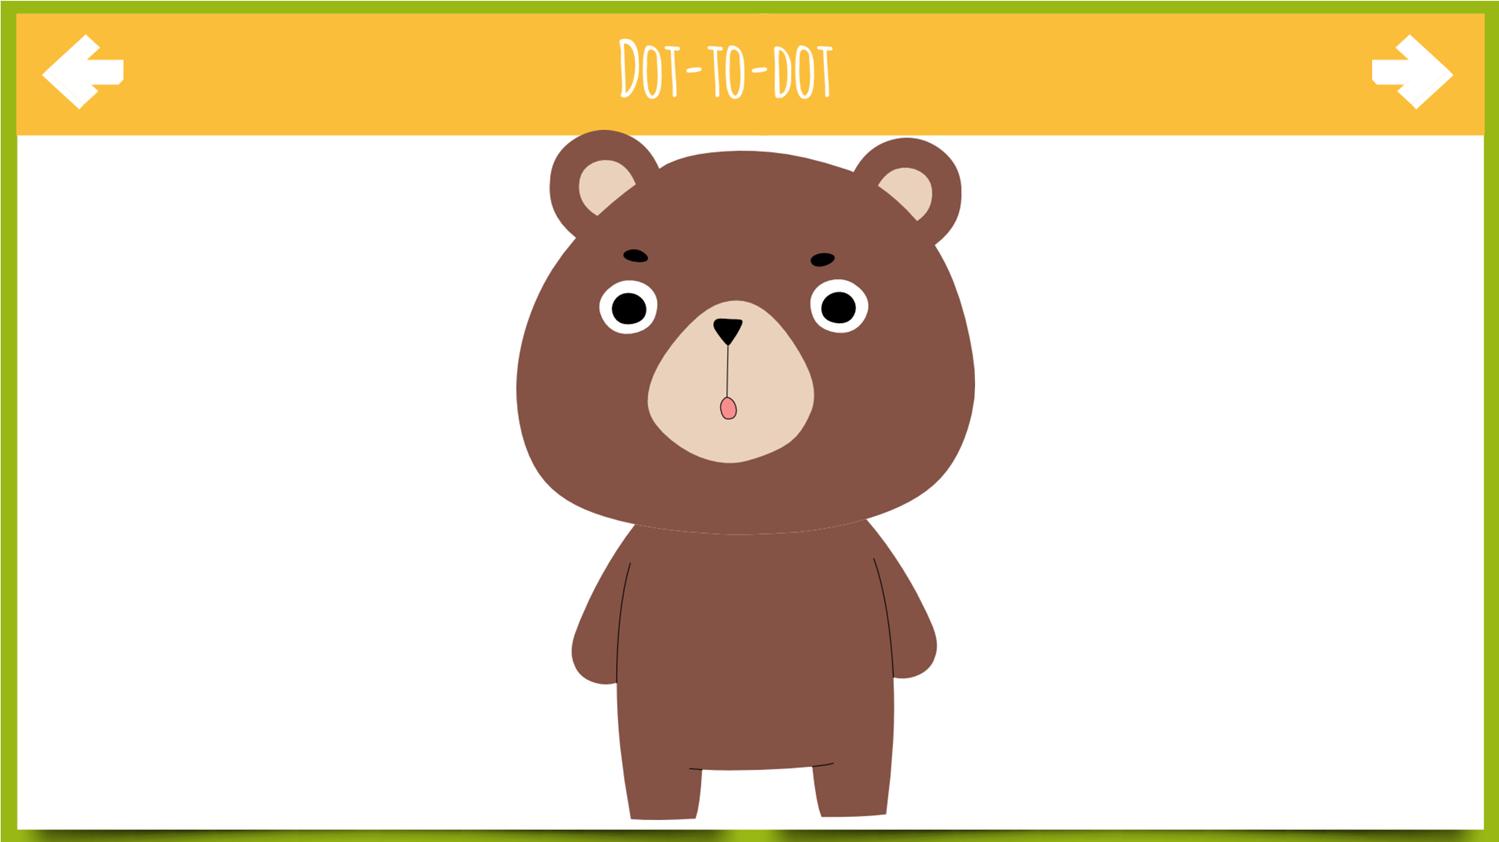 Dot to Dot Animals Game Drawn Screenshot.